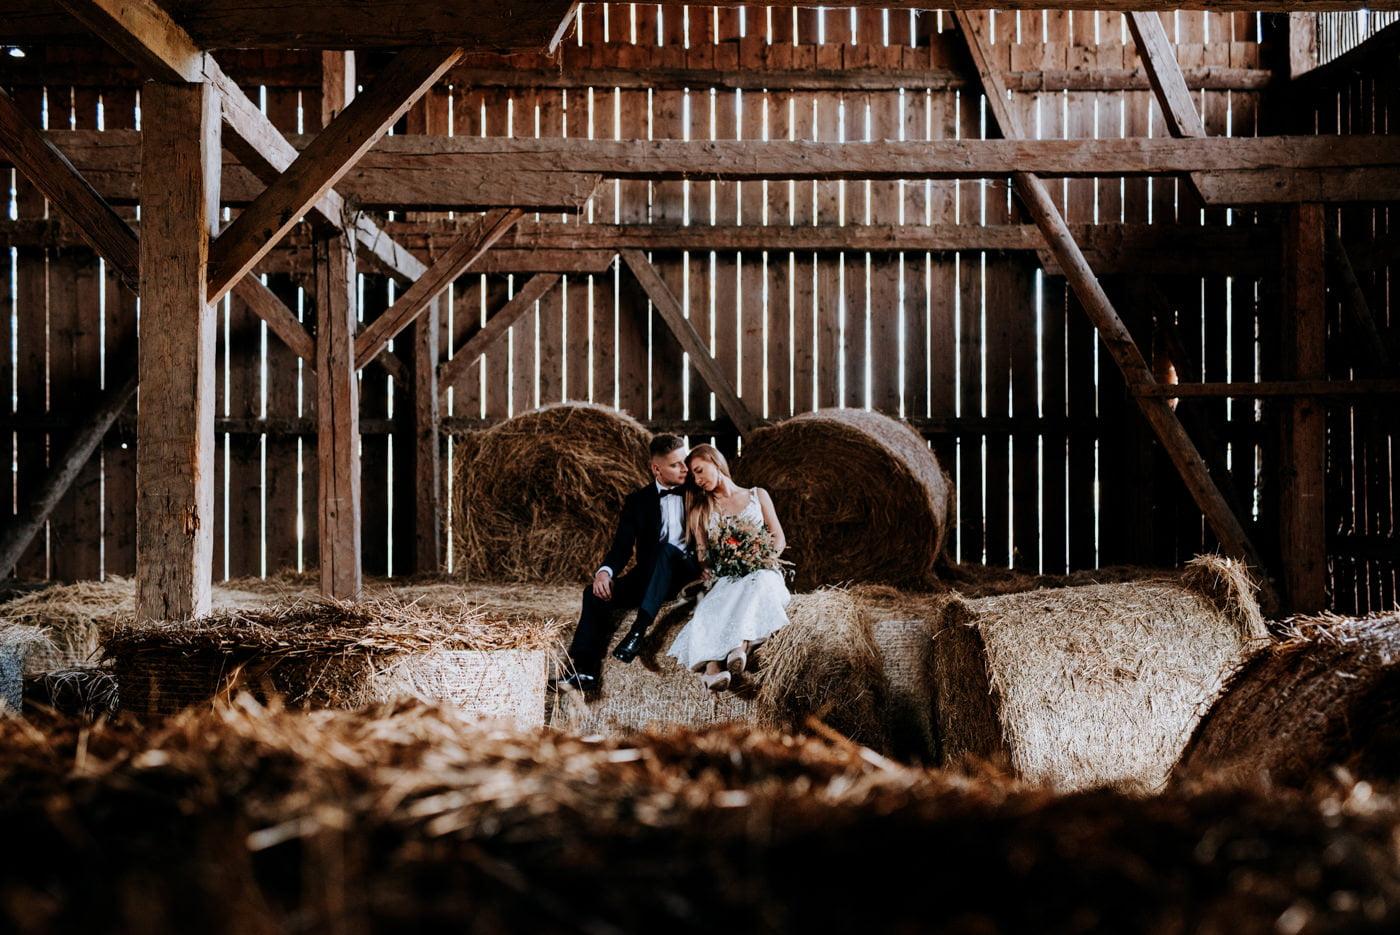 Plener Ślubny w starej stodole - Basia i Marcin 8